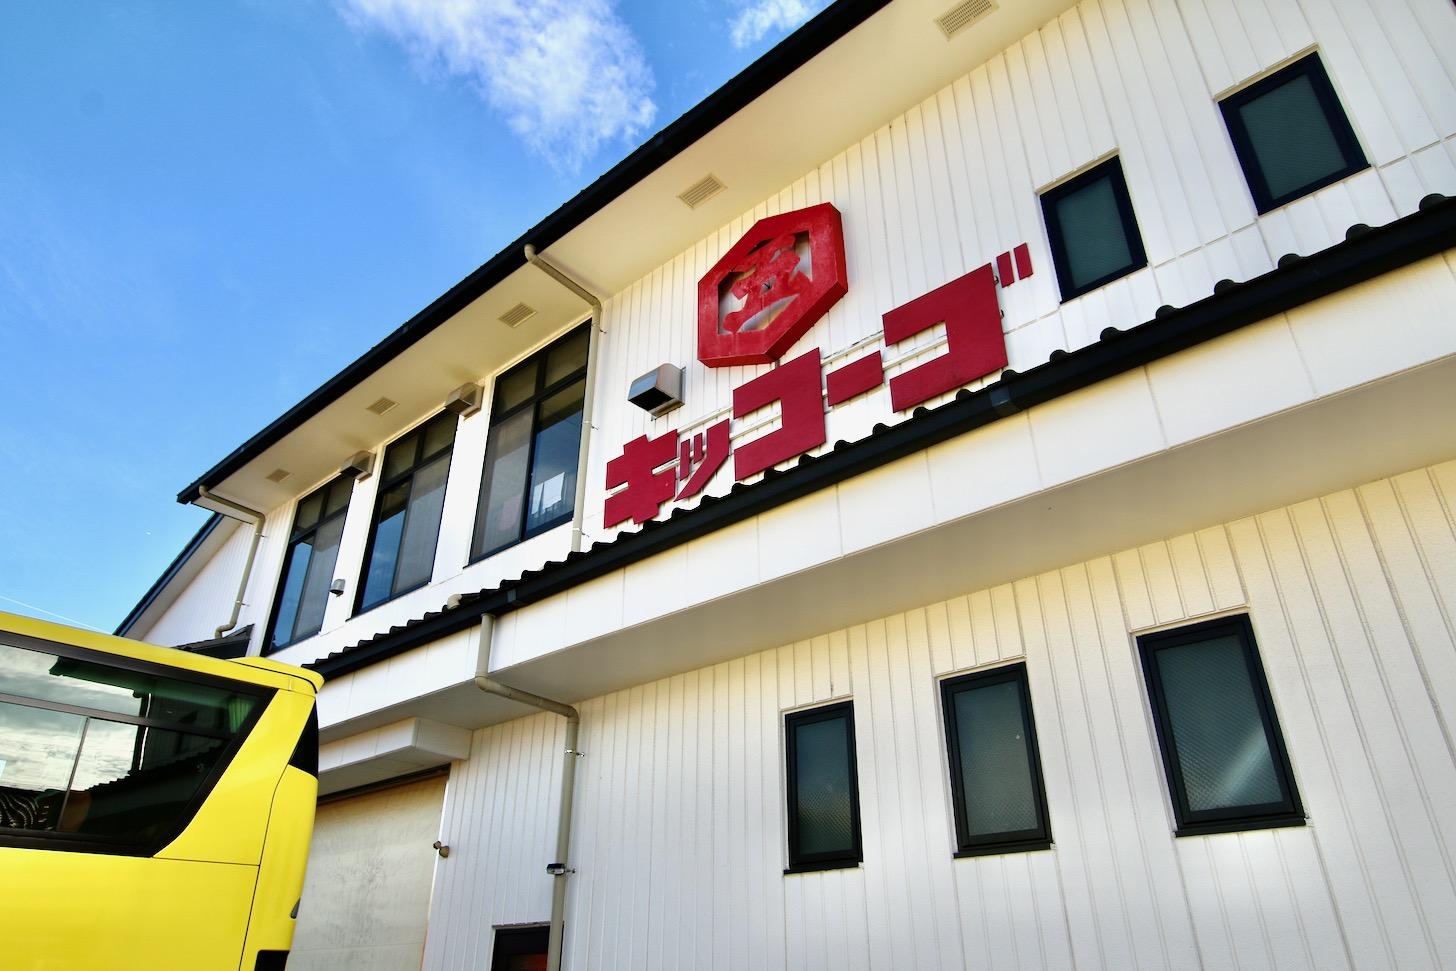 近藤醸造 多摩エリアの日本酒酒造を巡るインバウンドモニターツアー